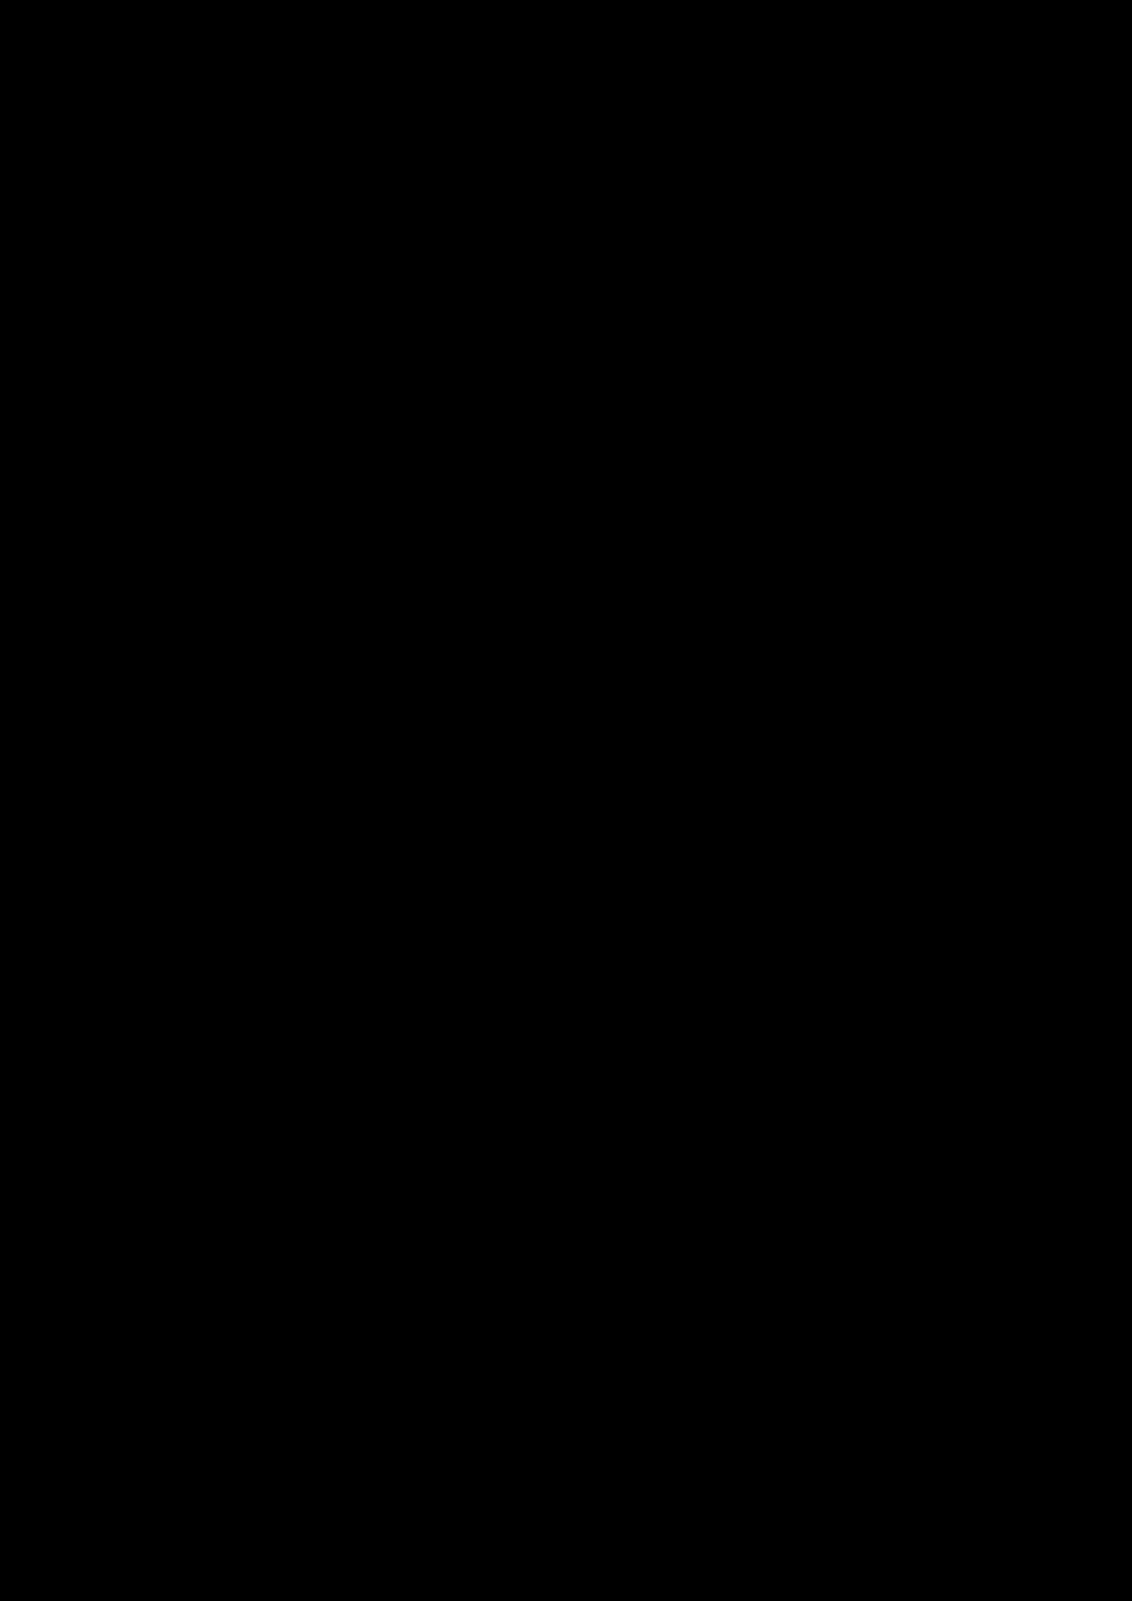 Zagadka volshebnoy stranyi slide, Image 135